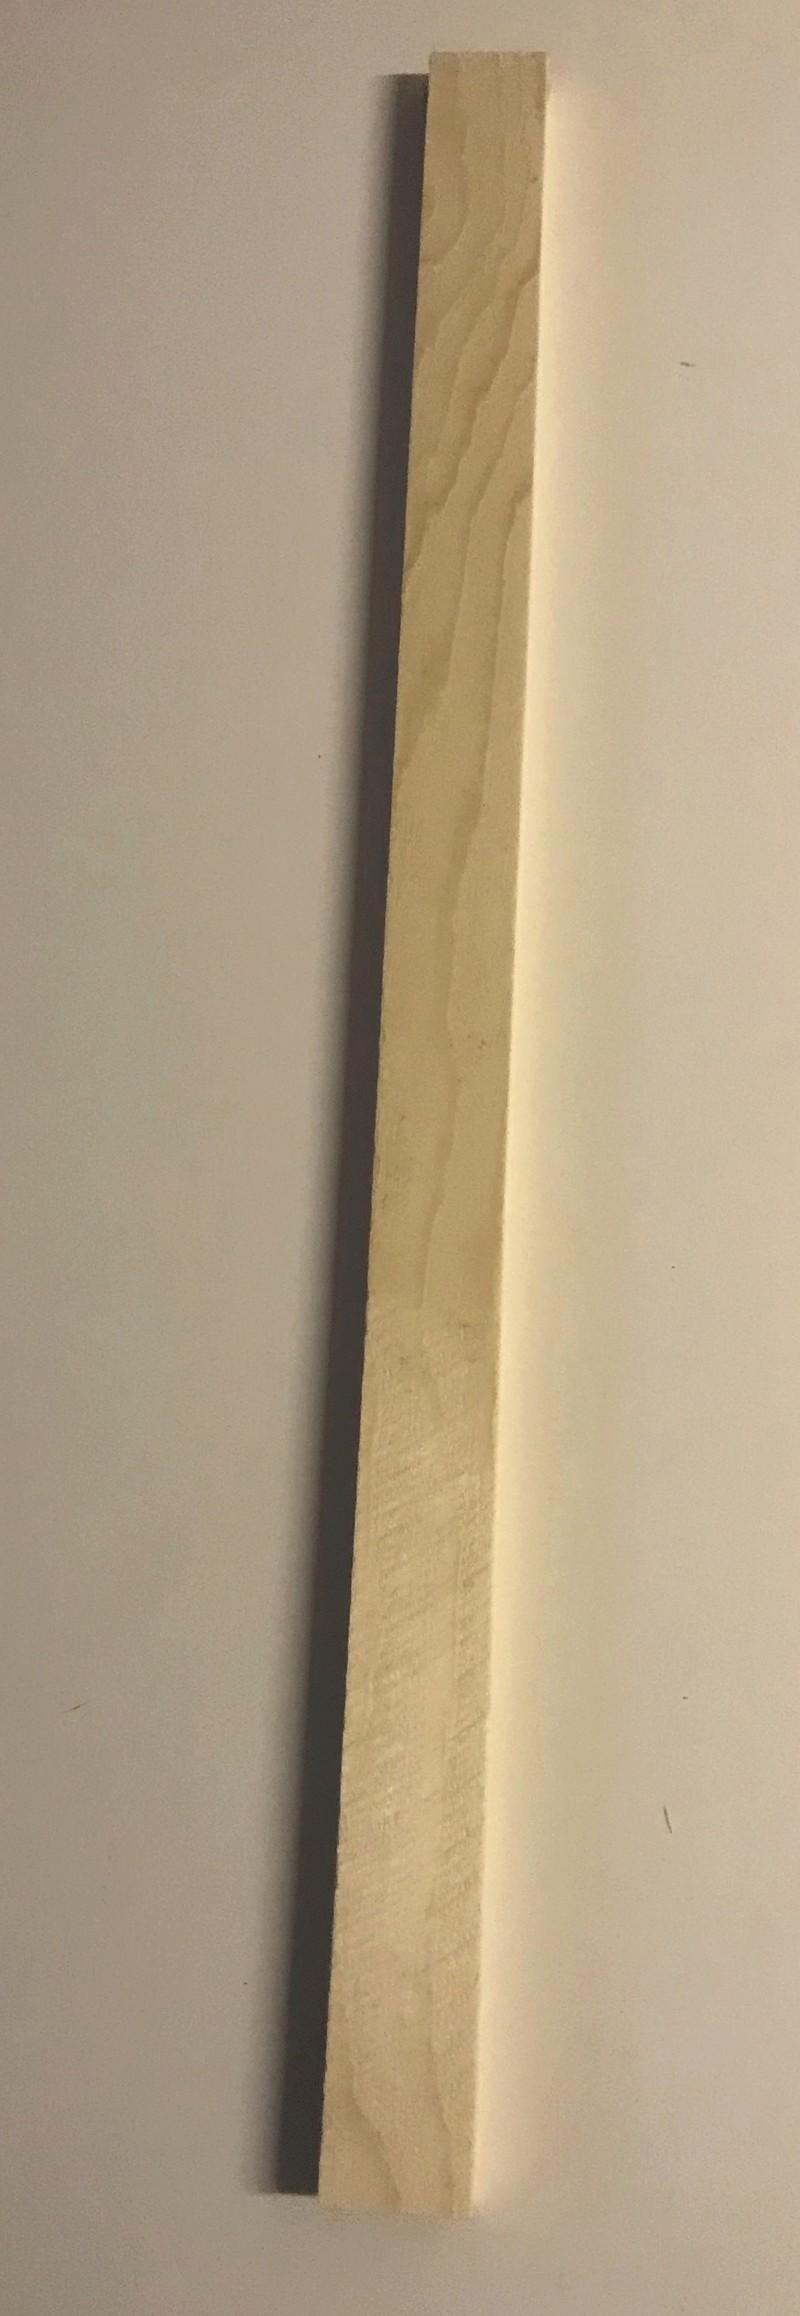 Découverte de la lutherie et fabrication d'une viole de gambe... - Page 5 La_bar10